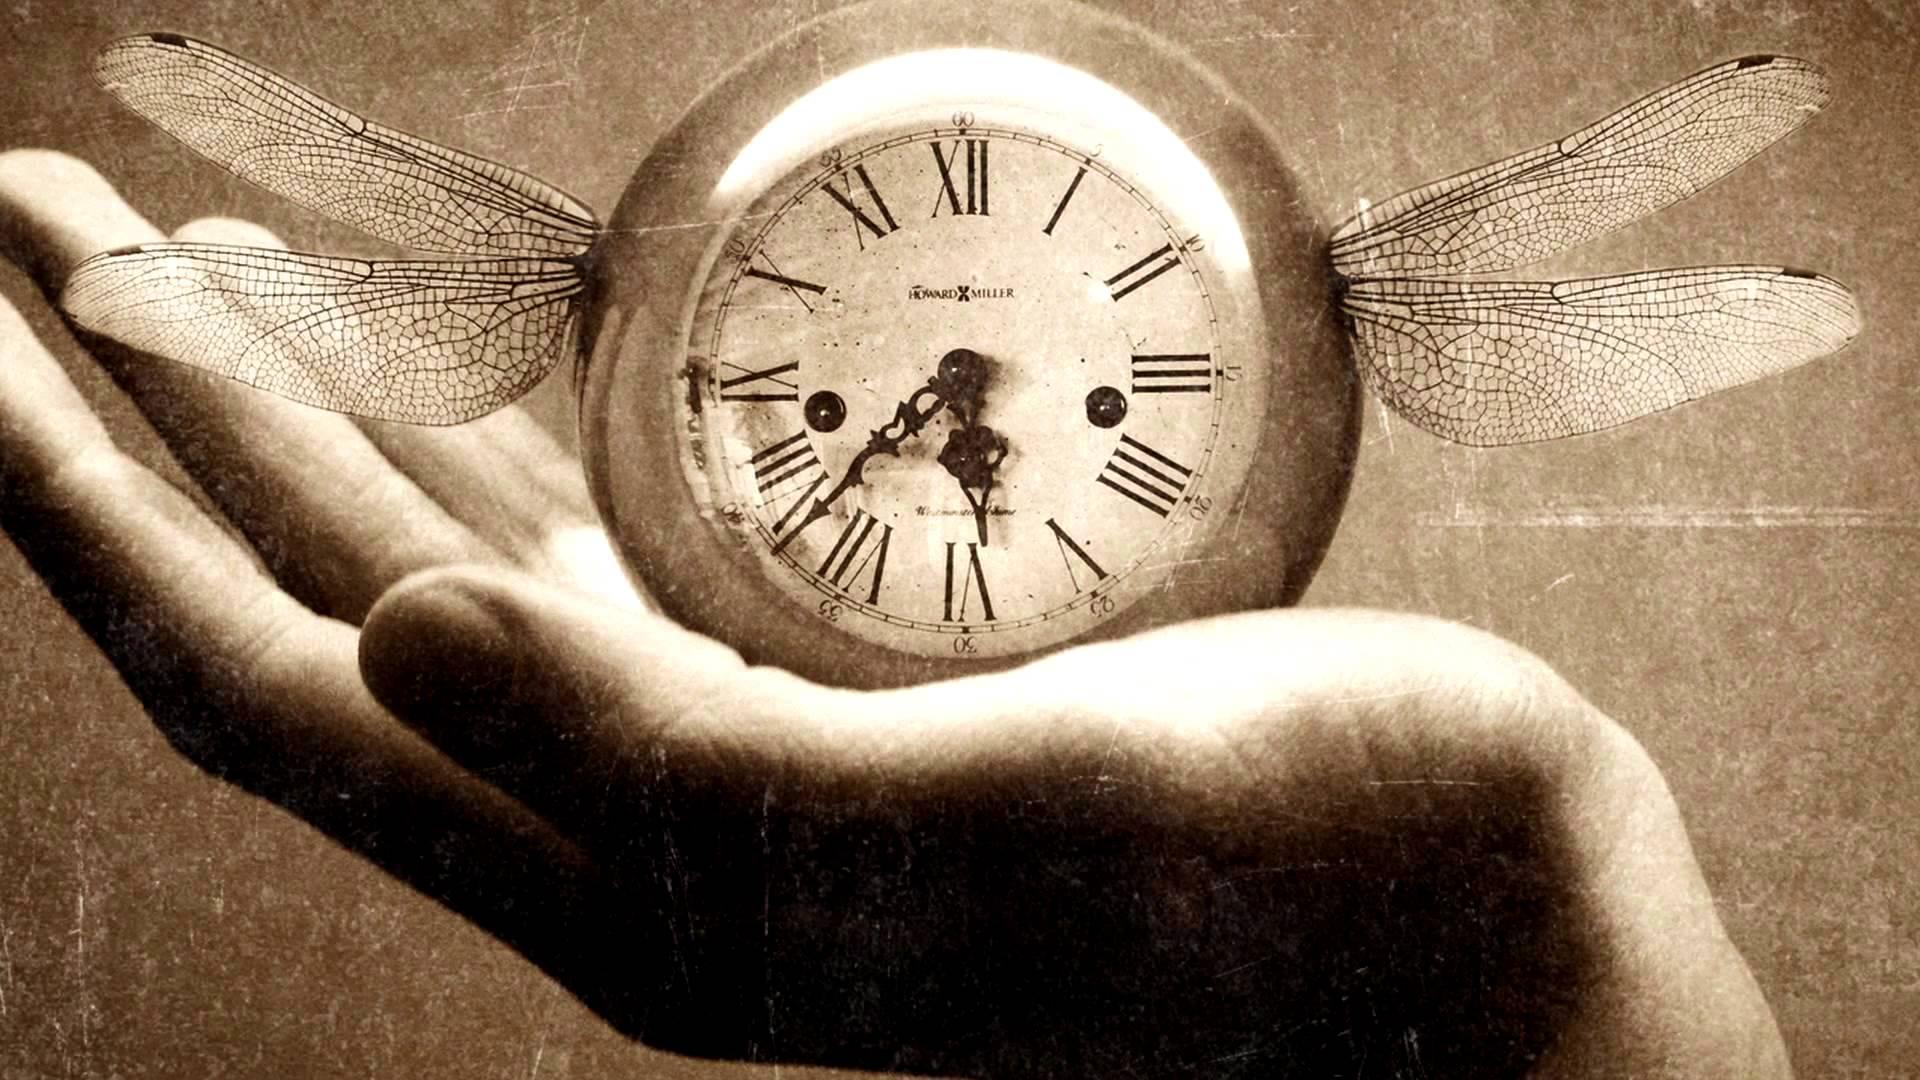 «Что бы ты сделал, имея способность управления временем?» - Изображение 1